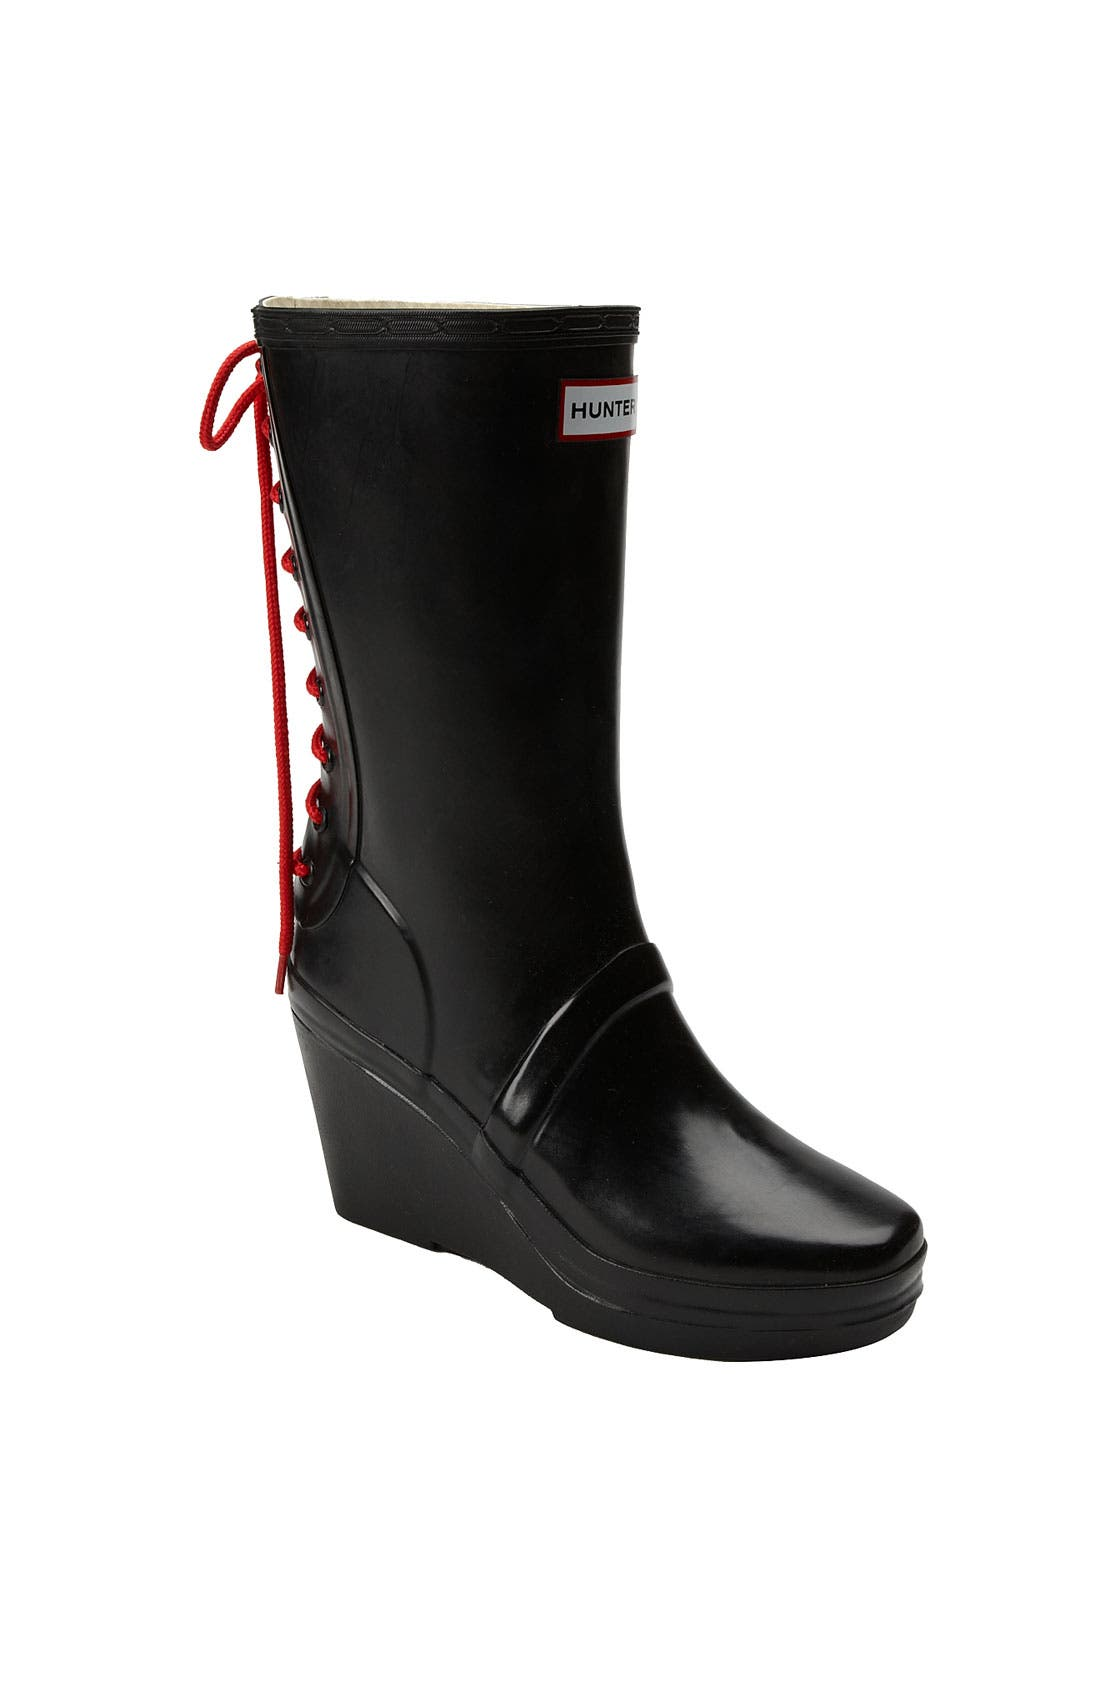 HUNTER 'Verbier' Rain Boot, Main, color, 001